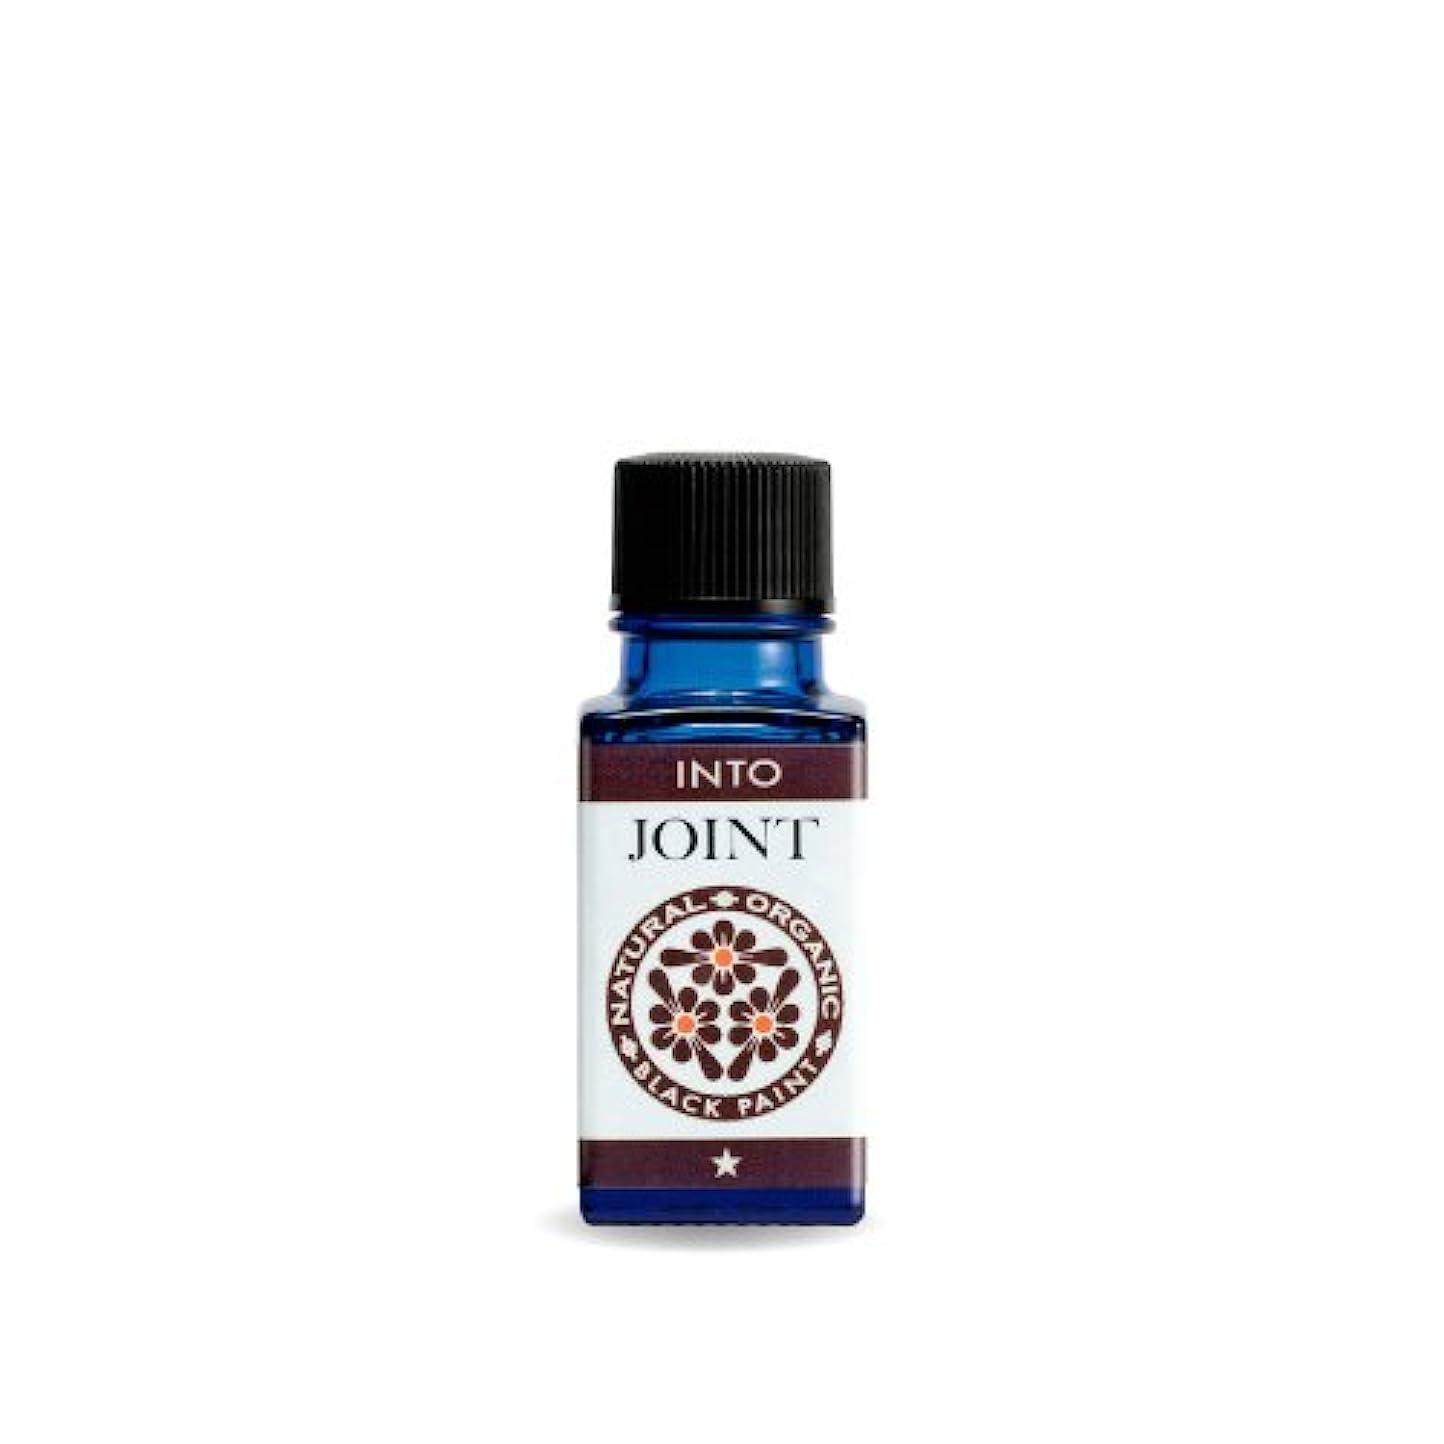 ファン素晴らしい支援する関節用 エッセンシャルオイル 美容液 INTO ジョイント 10ml ブラックペイント